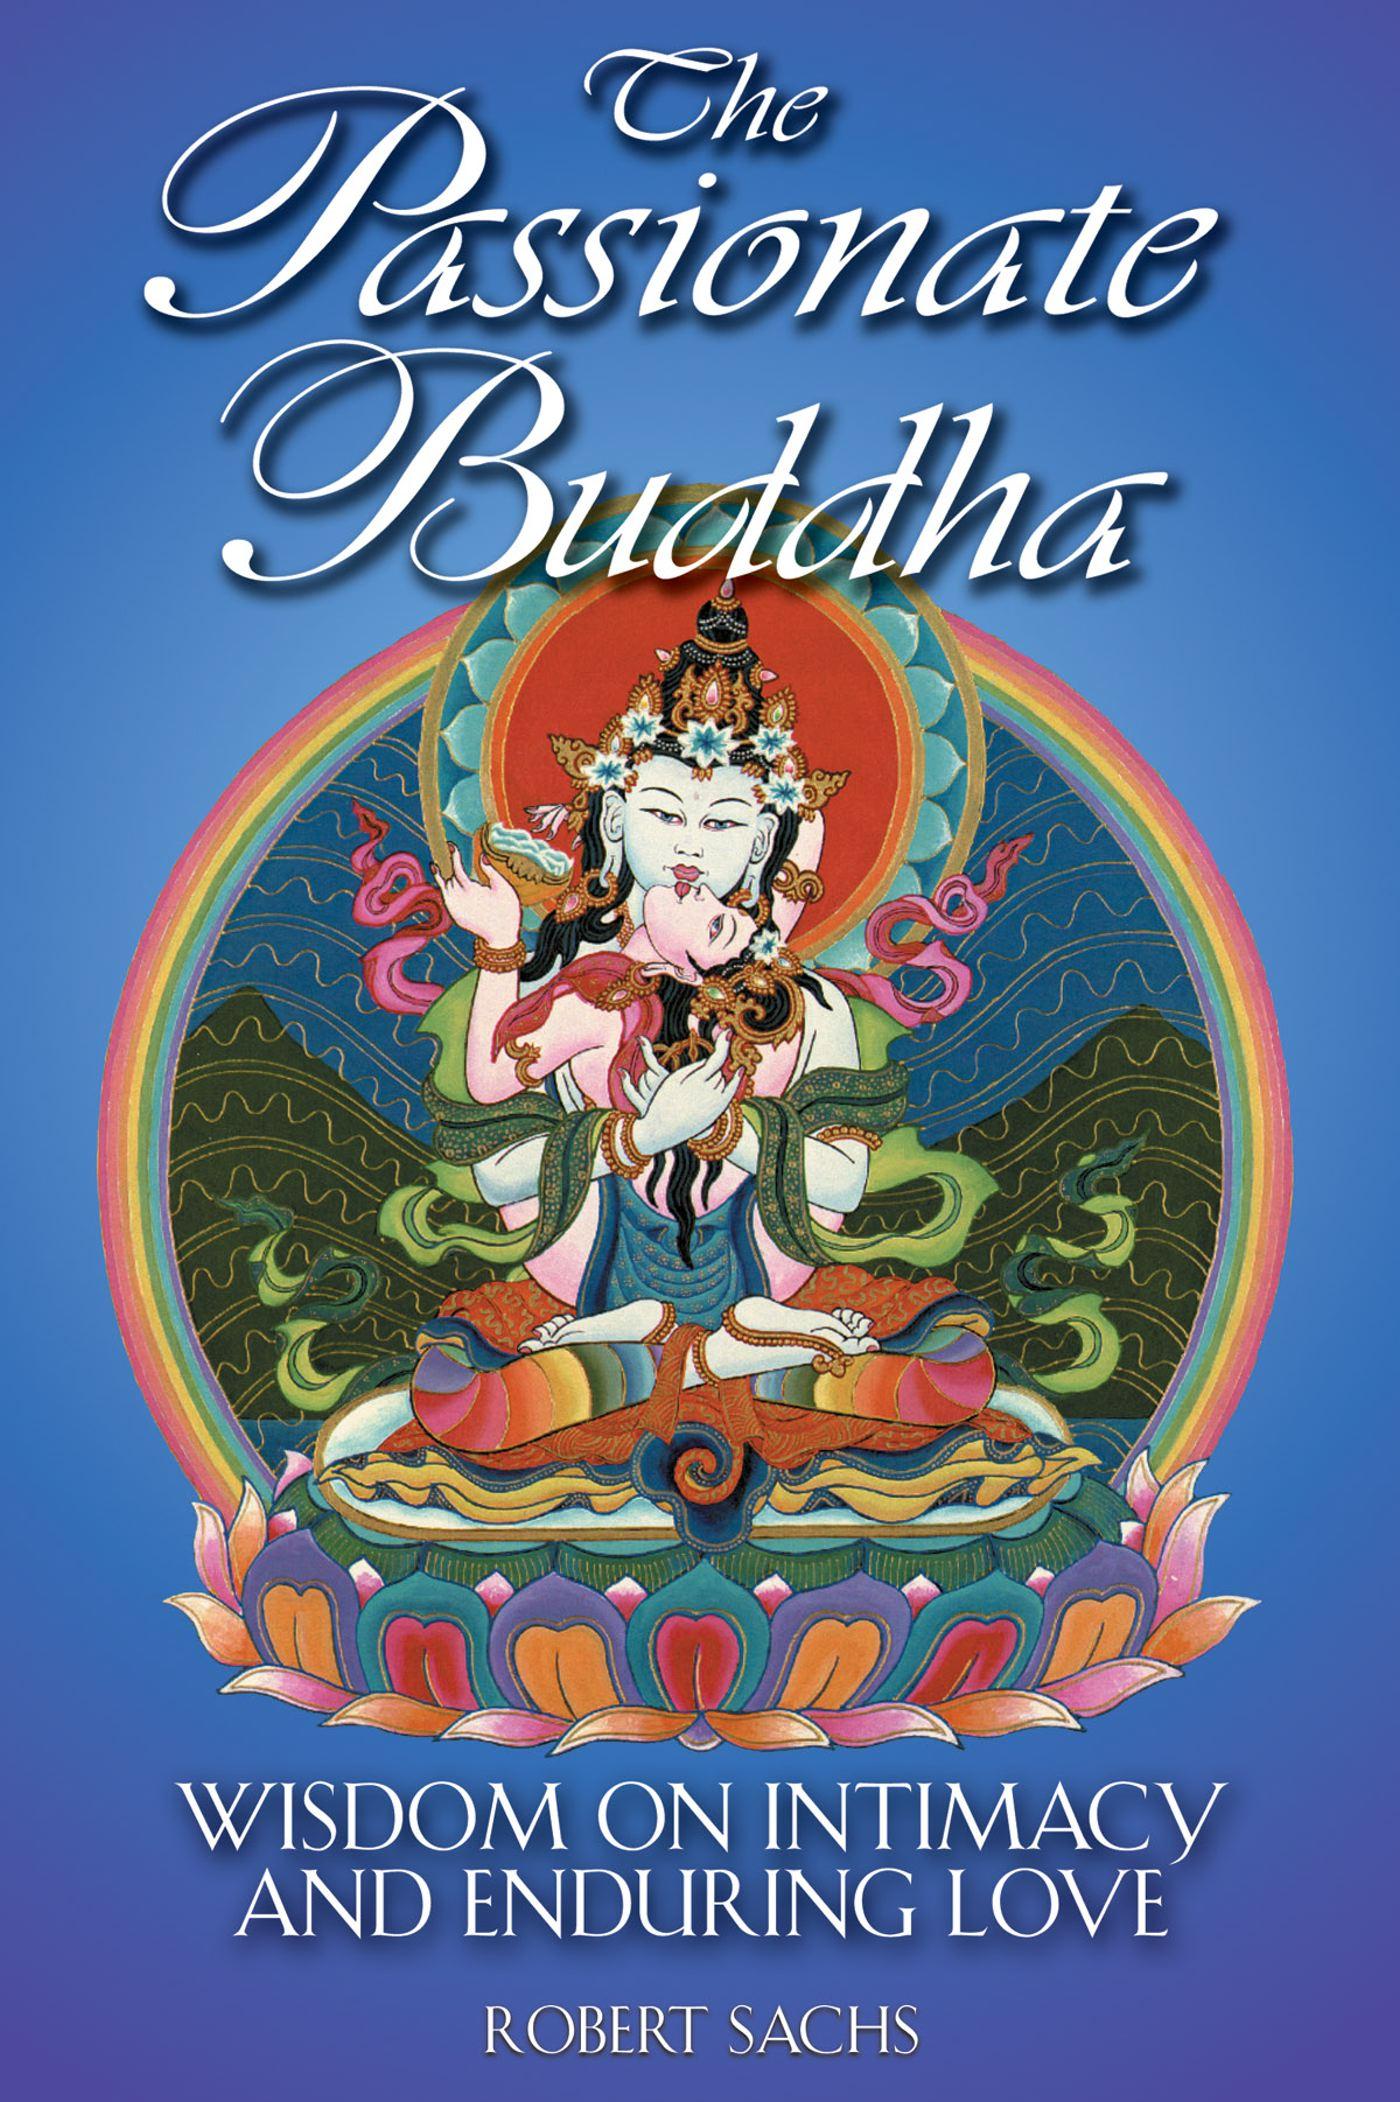 The passionate buddha 9780892819140 hr